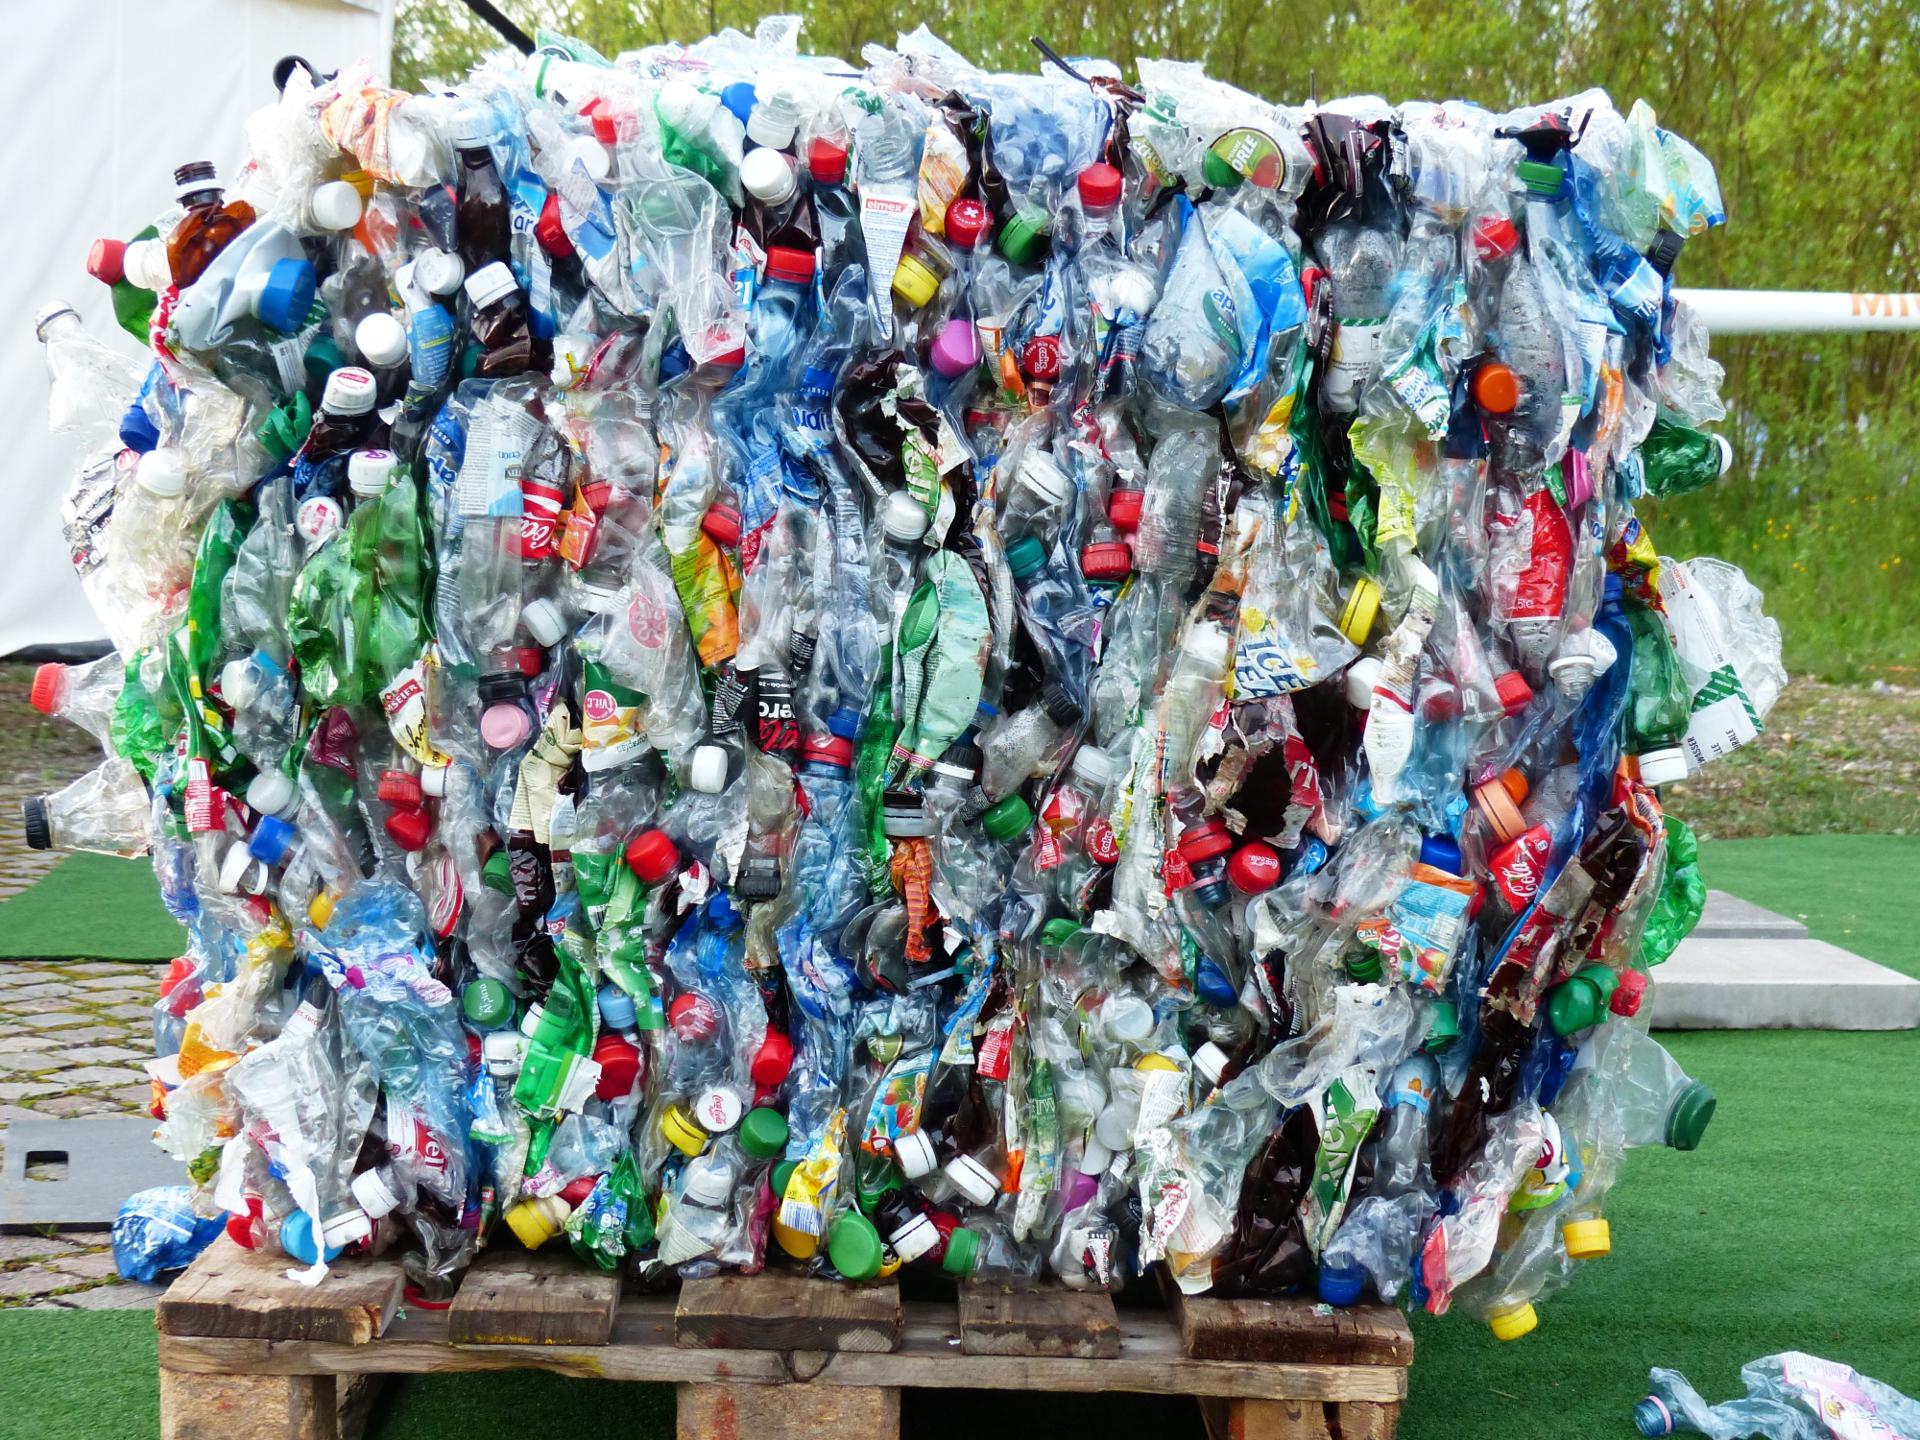 Wir produzieren und nutzen solche Unmengen an Plastikverpackung, dass wir uns die Dimensionen gar nicht mehr vorstellen können. - Photocredit: pixabay.com/Hans